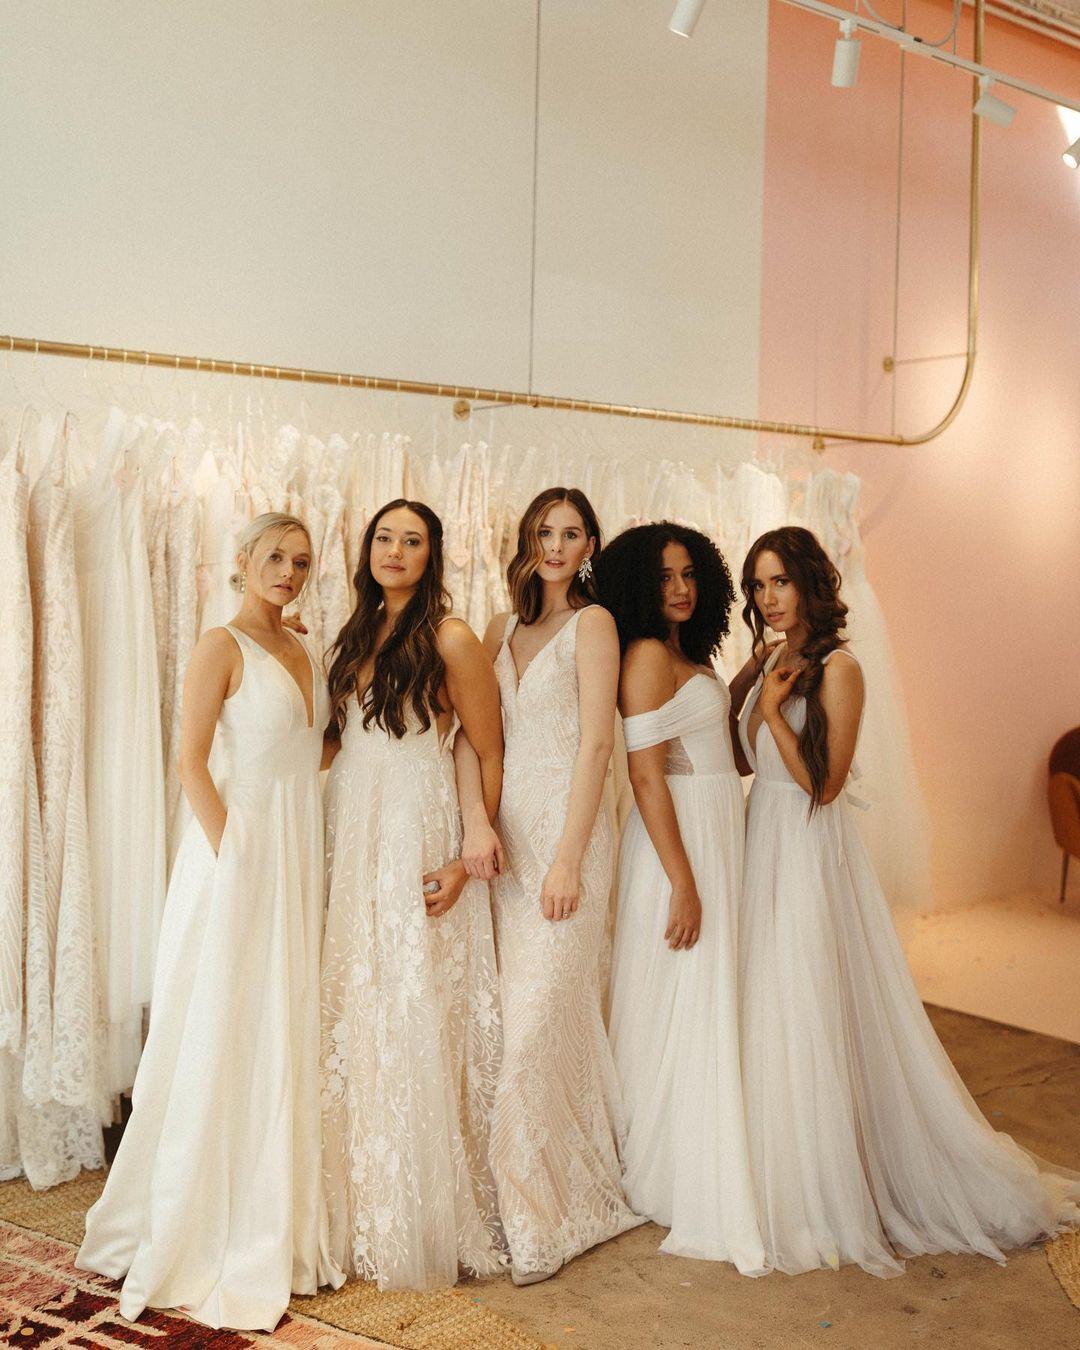 vowd online wedding dresses